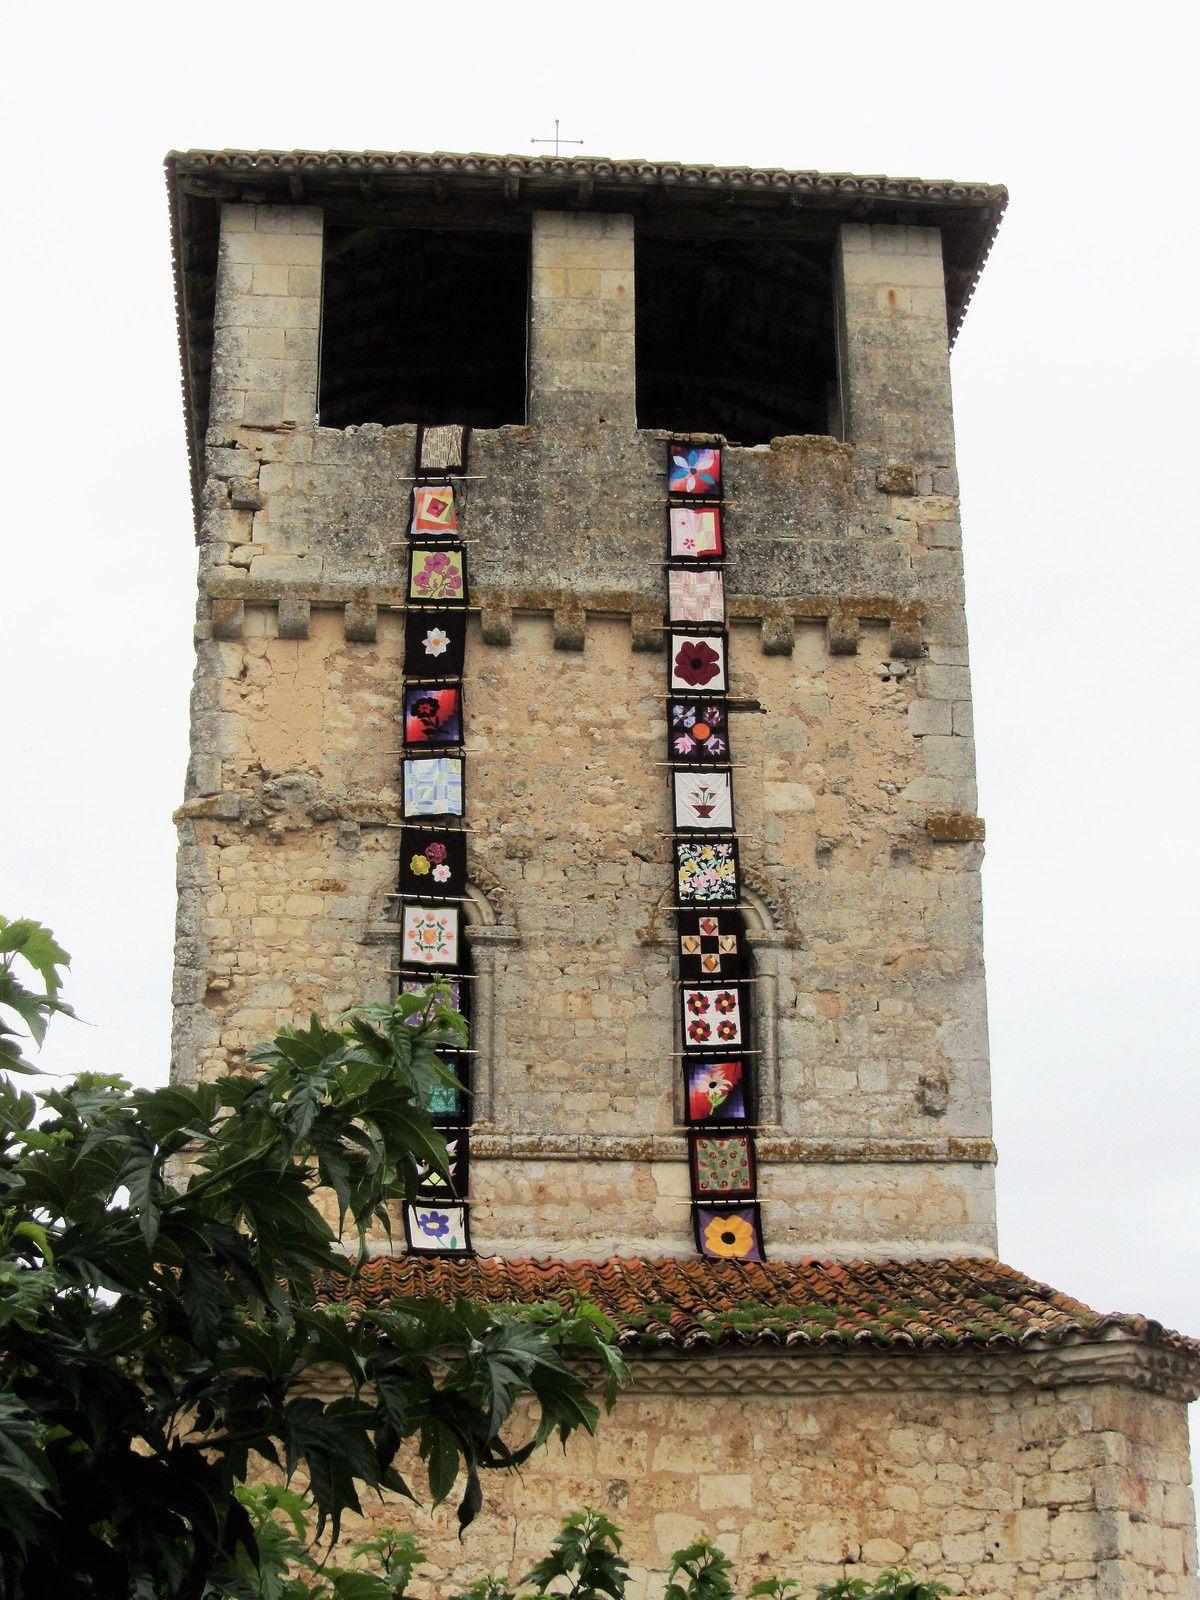 Mais ce qui m'a intriguée ce sont les bannières qu'arborait le clocher